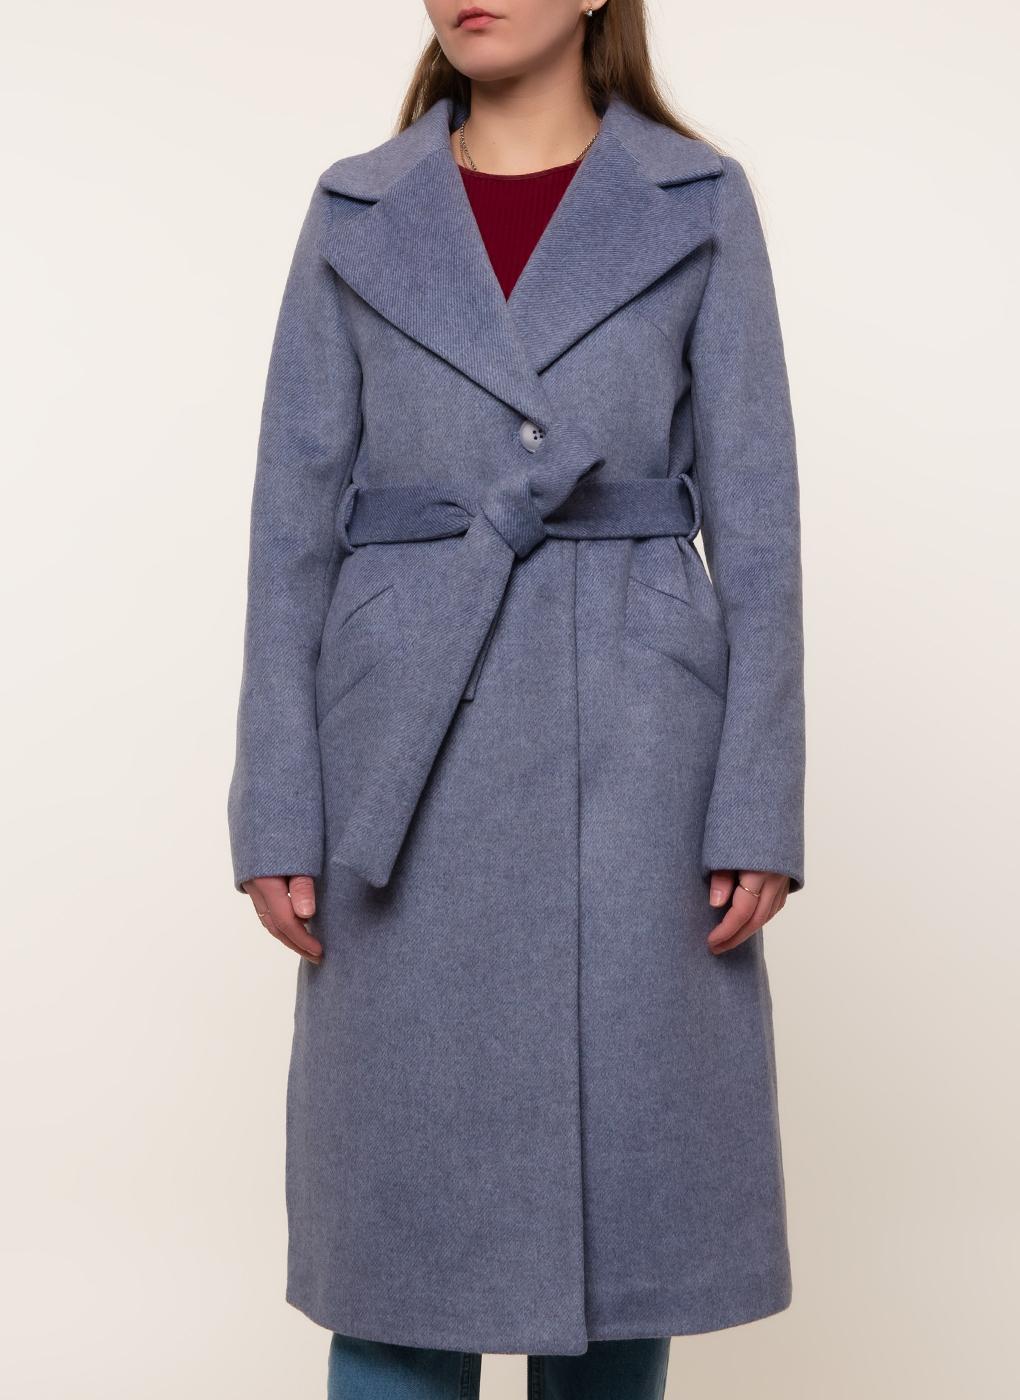 Пальто полушерстяное 47, Galla Lady фото